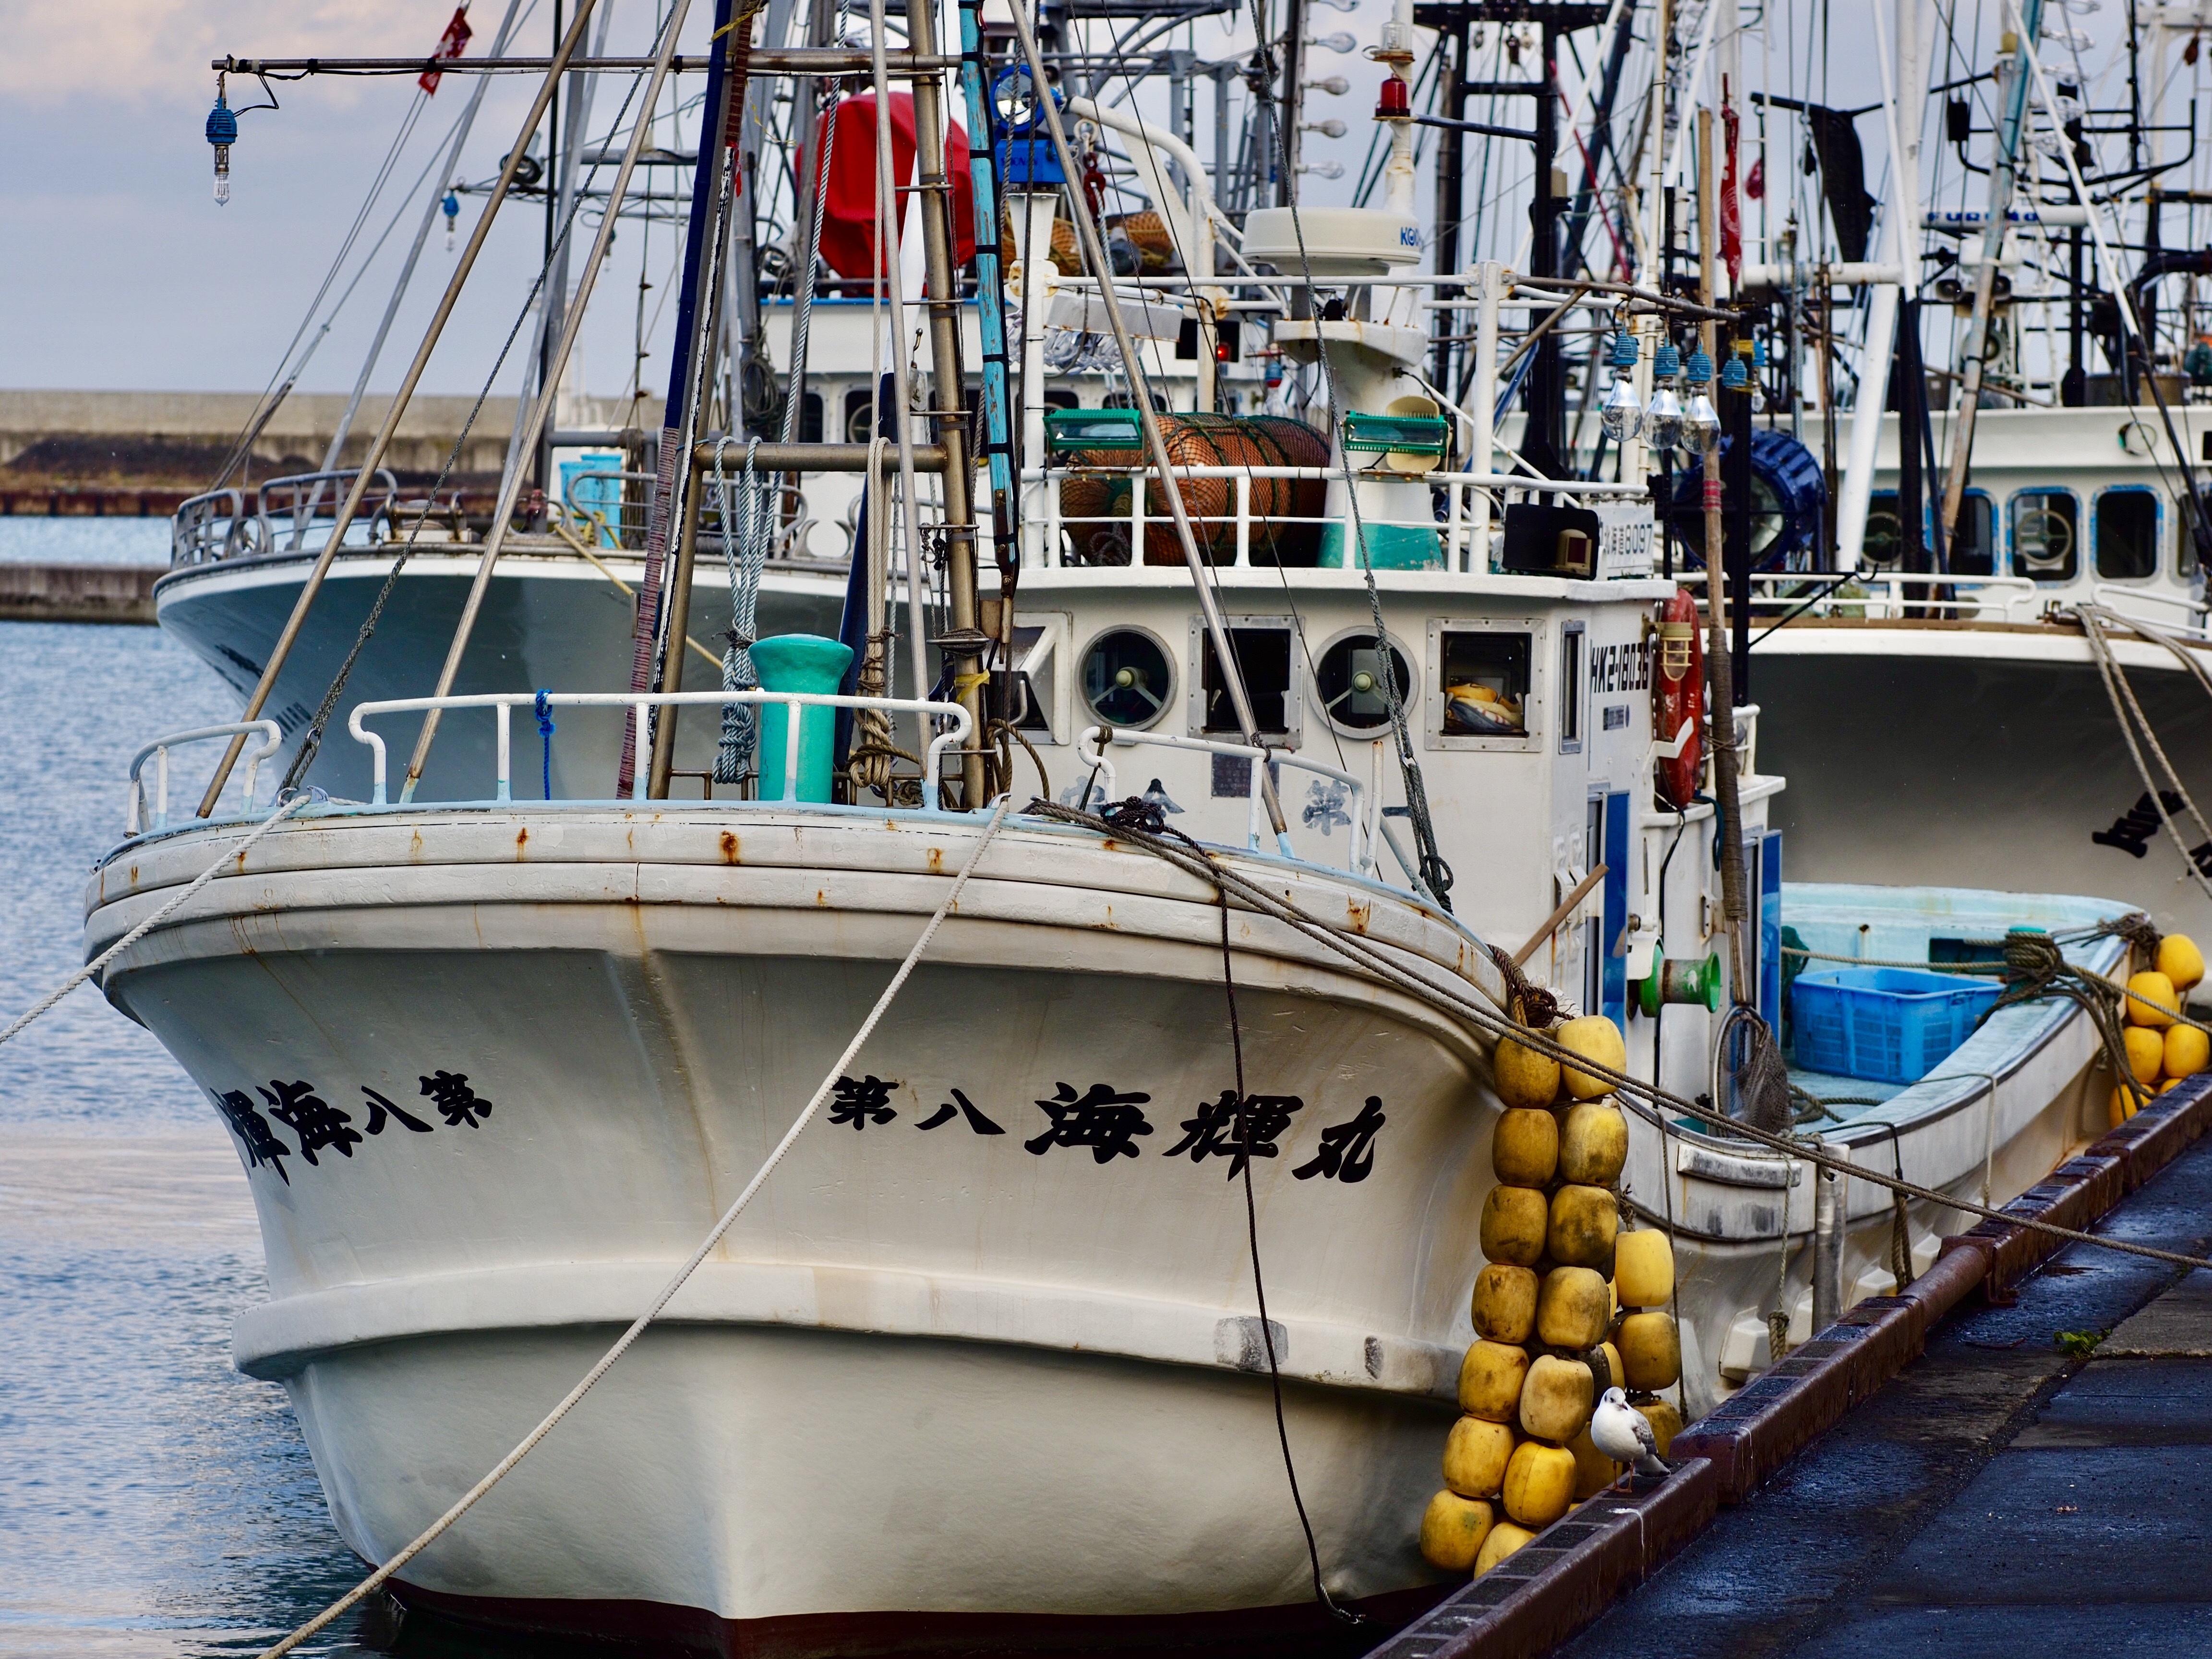 как научиться смотреть картинки рыболовецких судов ней подружусь